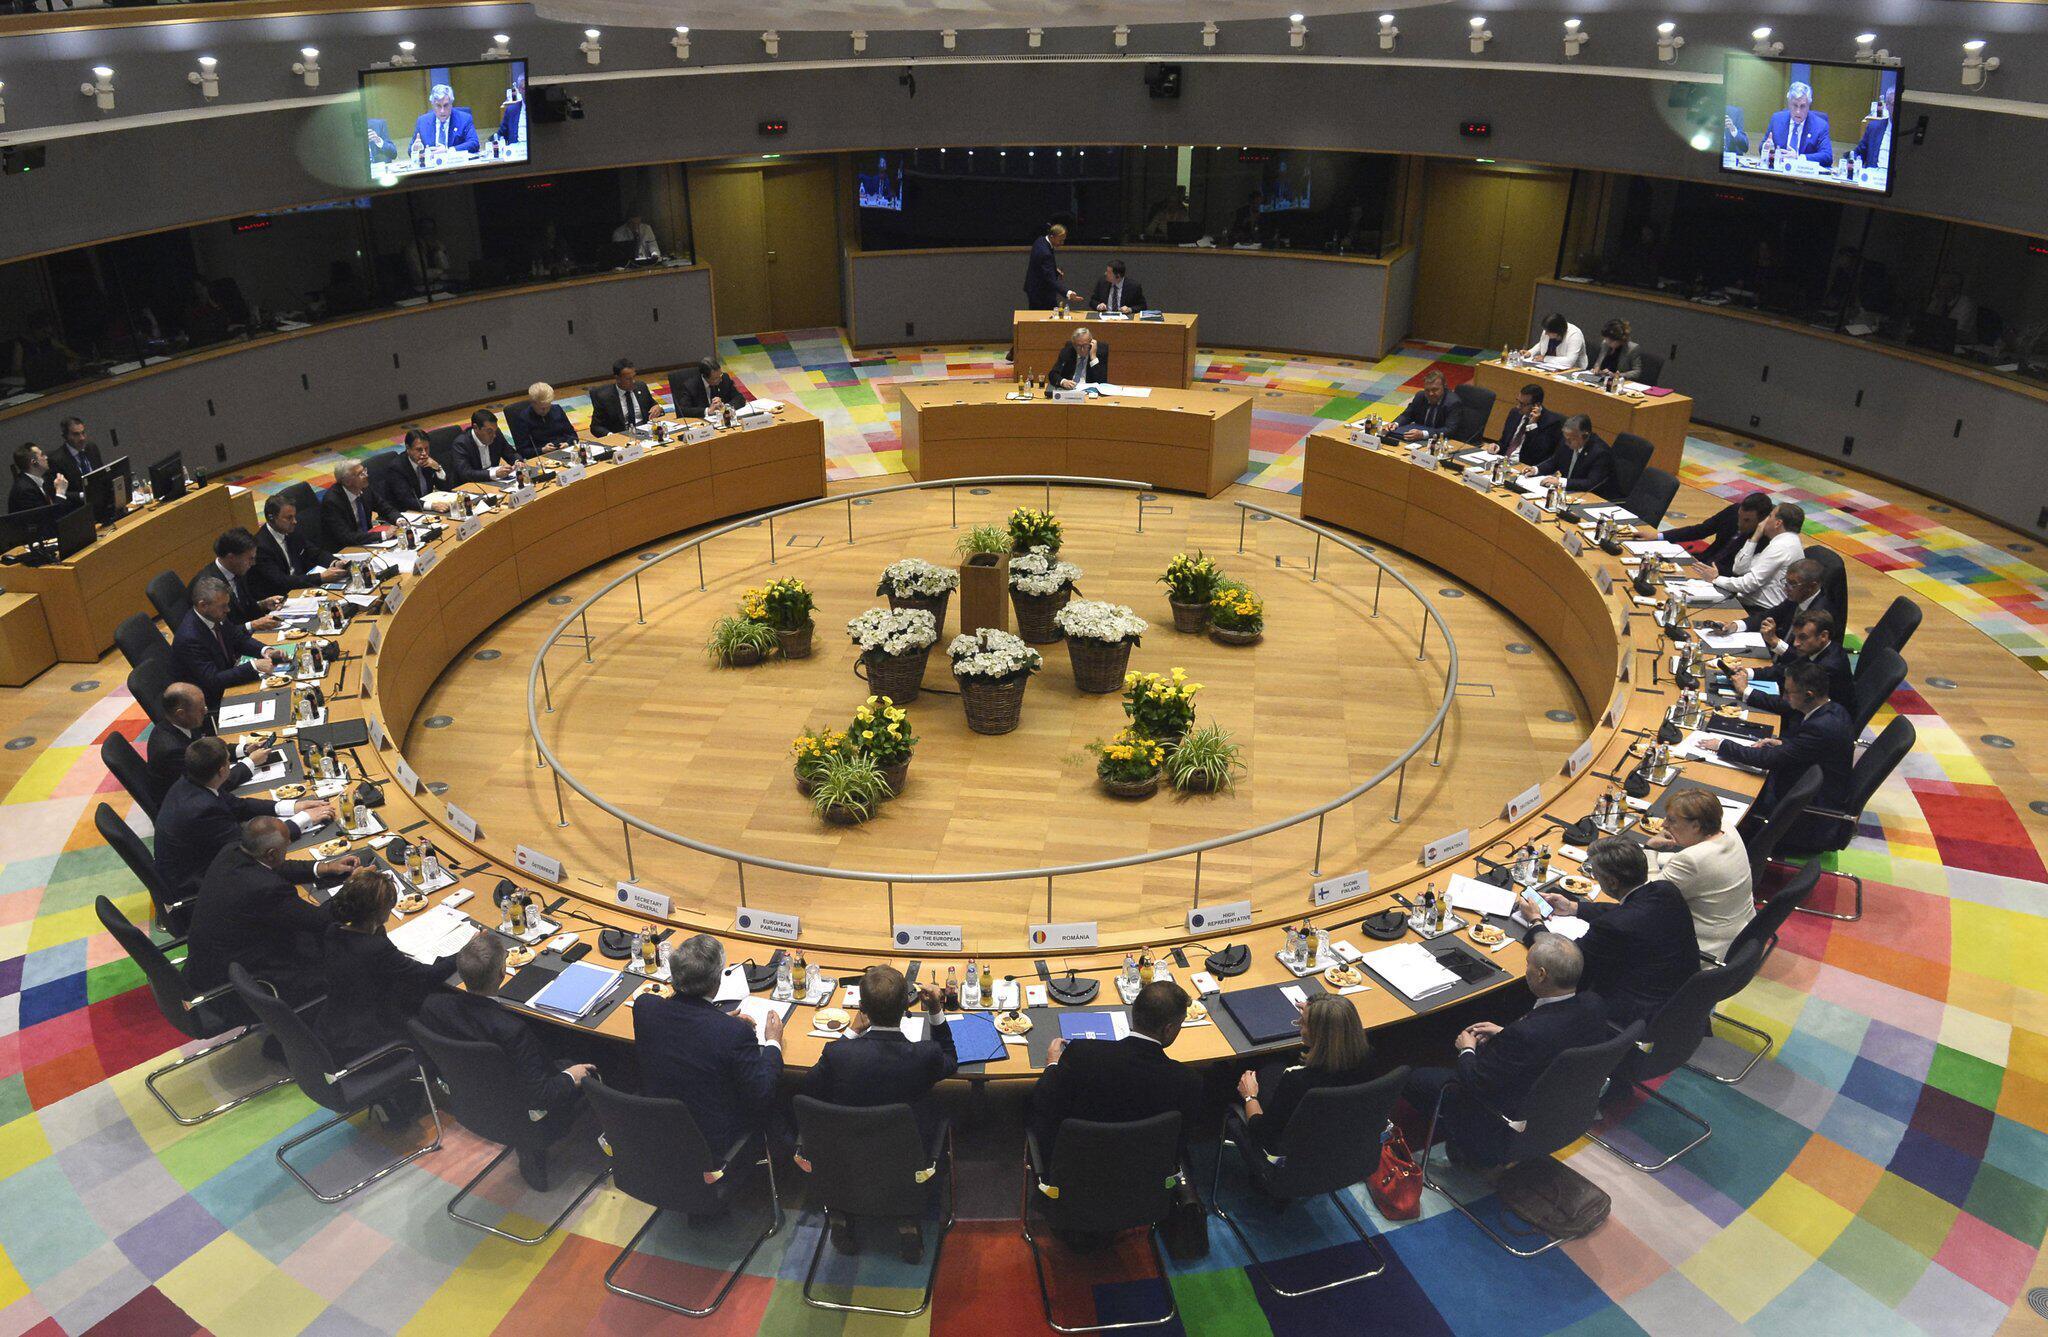 Keine Entscheidung im EU-Streit über Spitzenposten - Sondergipfel geplant